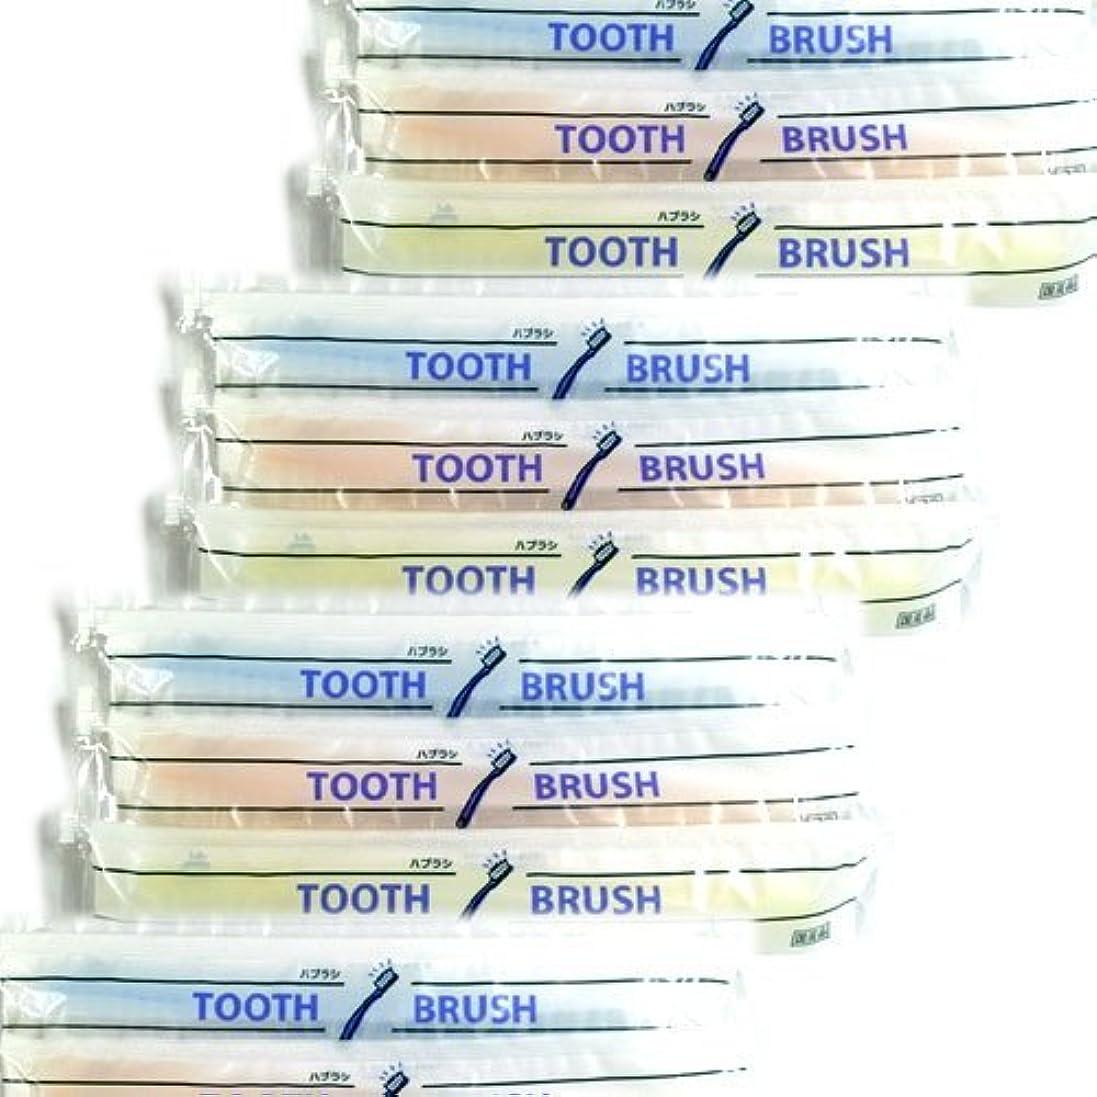 大腿メタリックできるホテルアメニティ 業務用 使い捨て(インスタント) 粉付き歯ブラシ × 20個セット